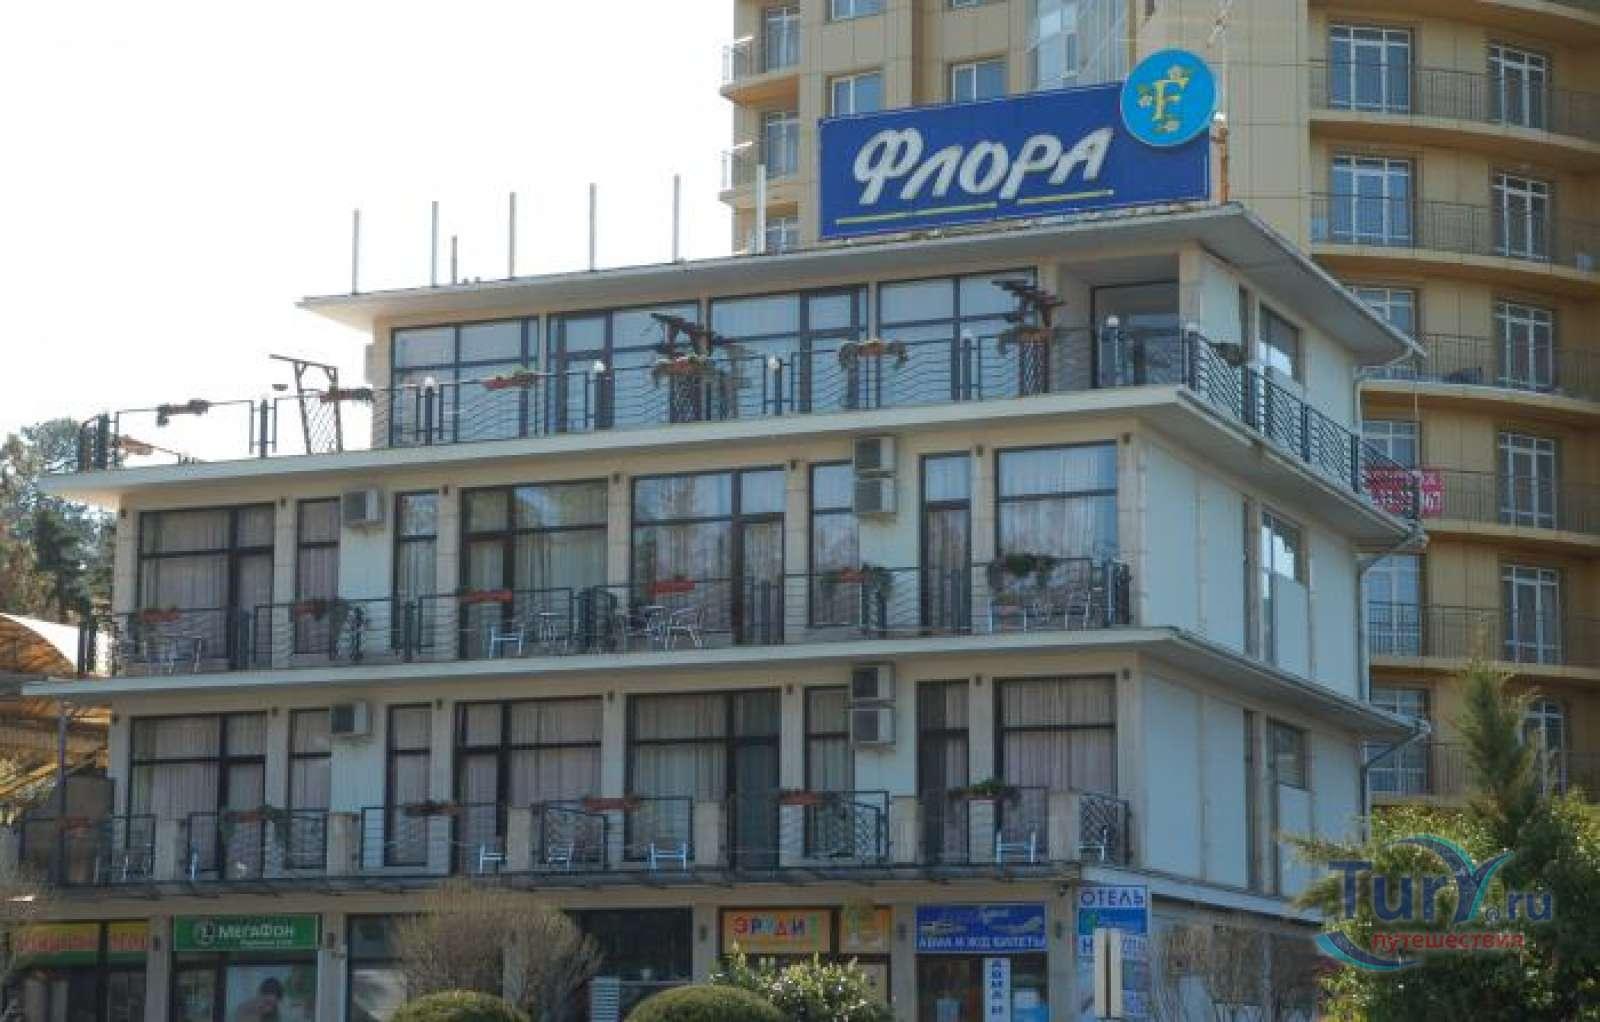 Flora private hotel Sochi / Флора частный отель Сочи 5* (Сочи городской  округ,Россия) описание отеля, цены на туры, отзывы с фото, бронирование  номеров